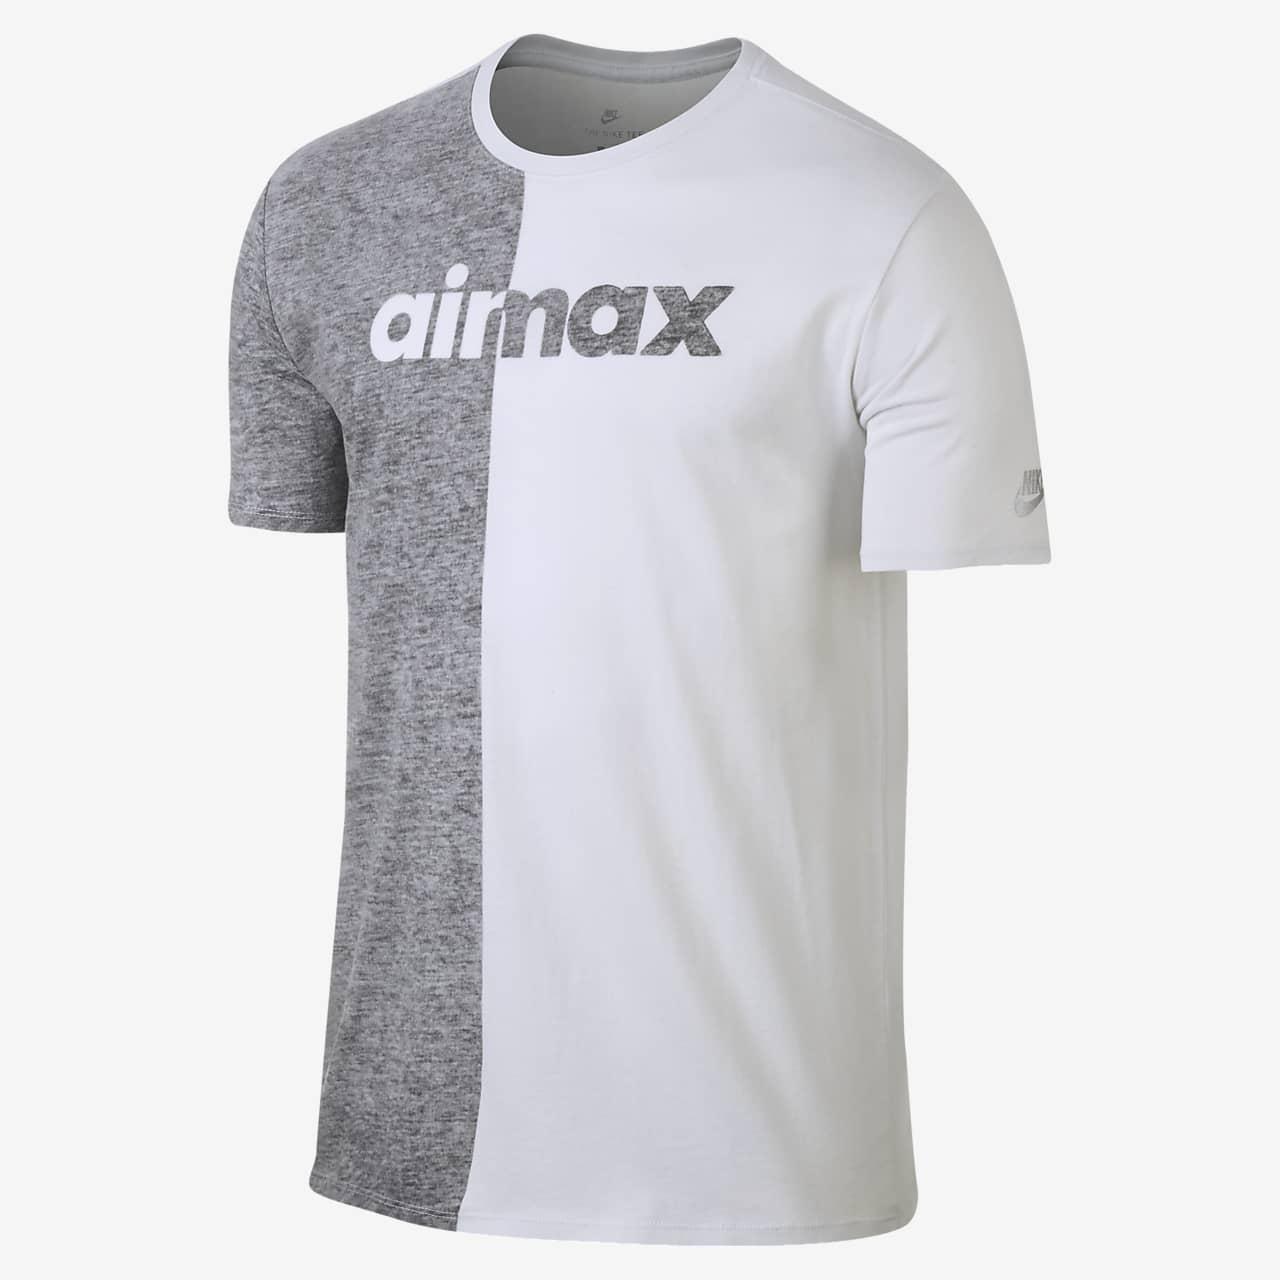 principio ocupado Rebelión  Nike Sportswear Air Max Men's T-Shirt. Nike IN